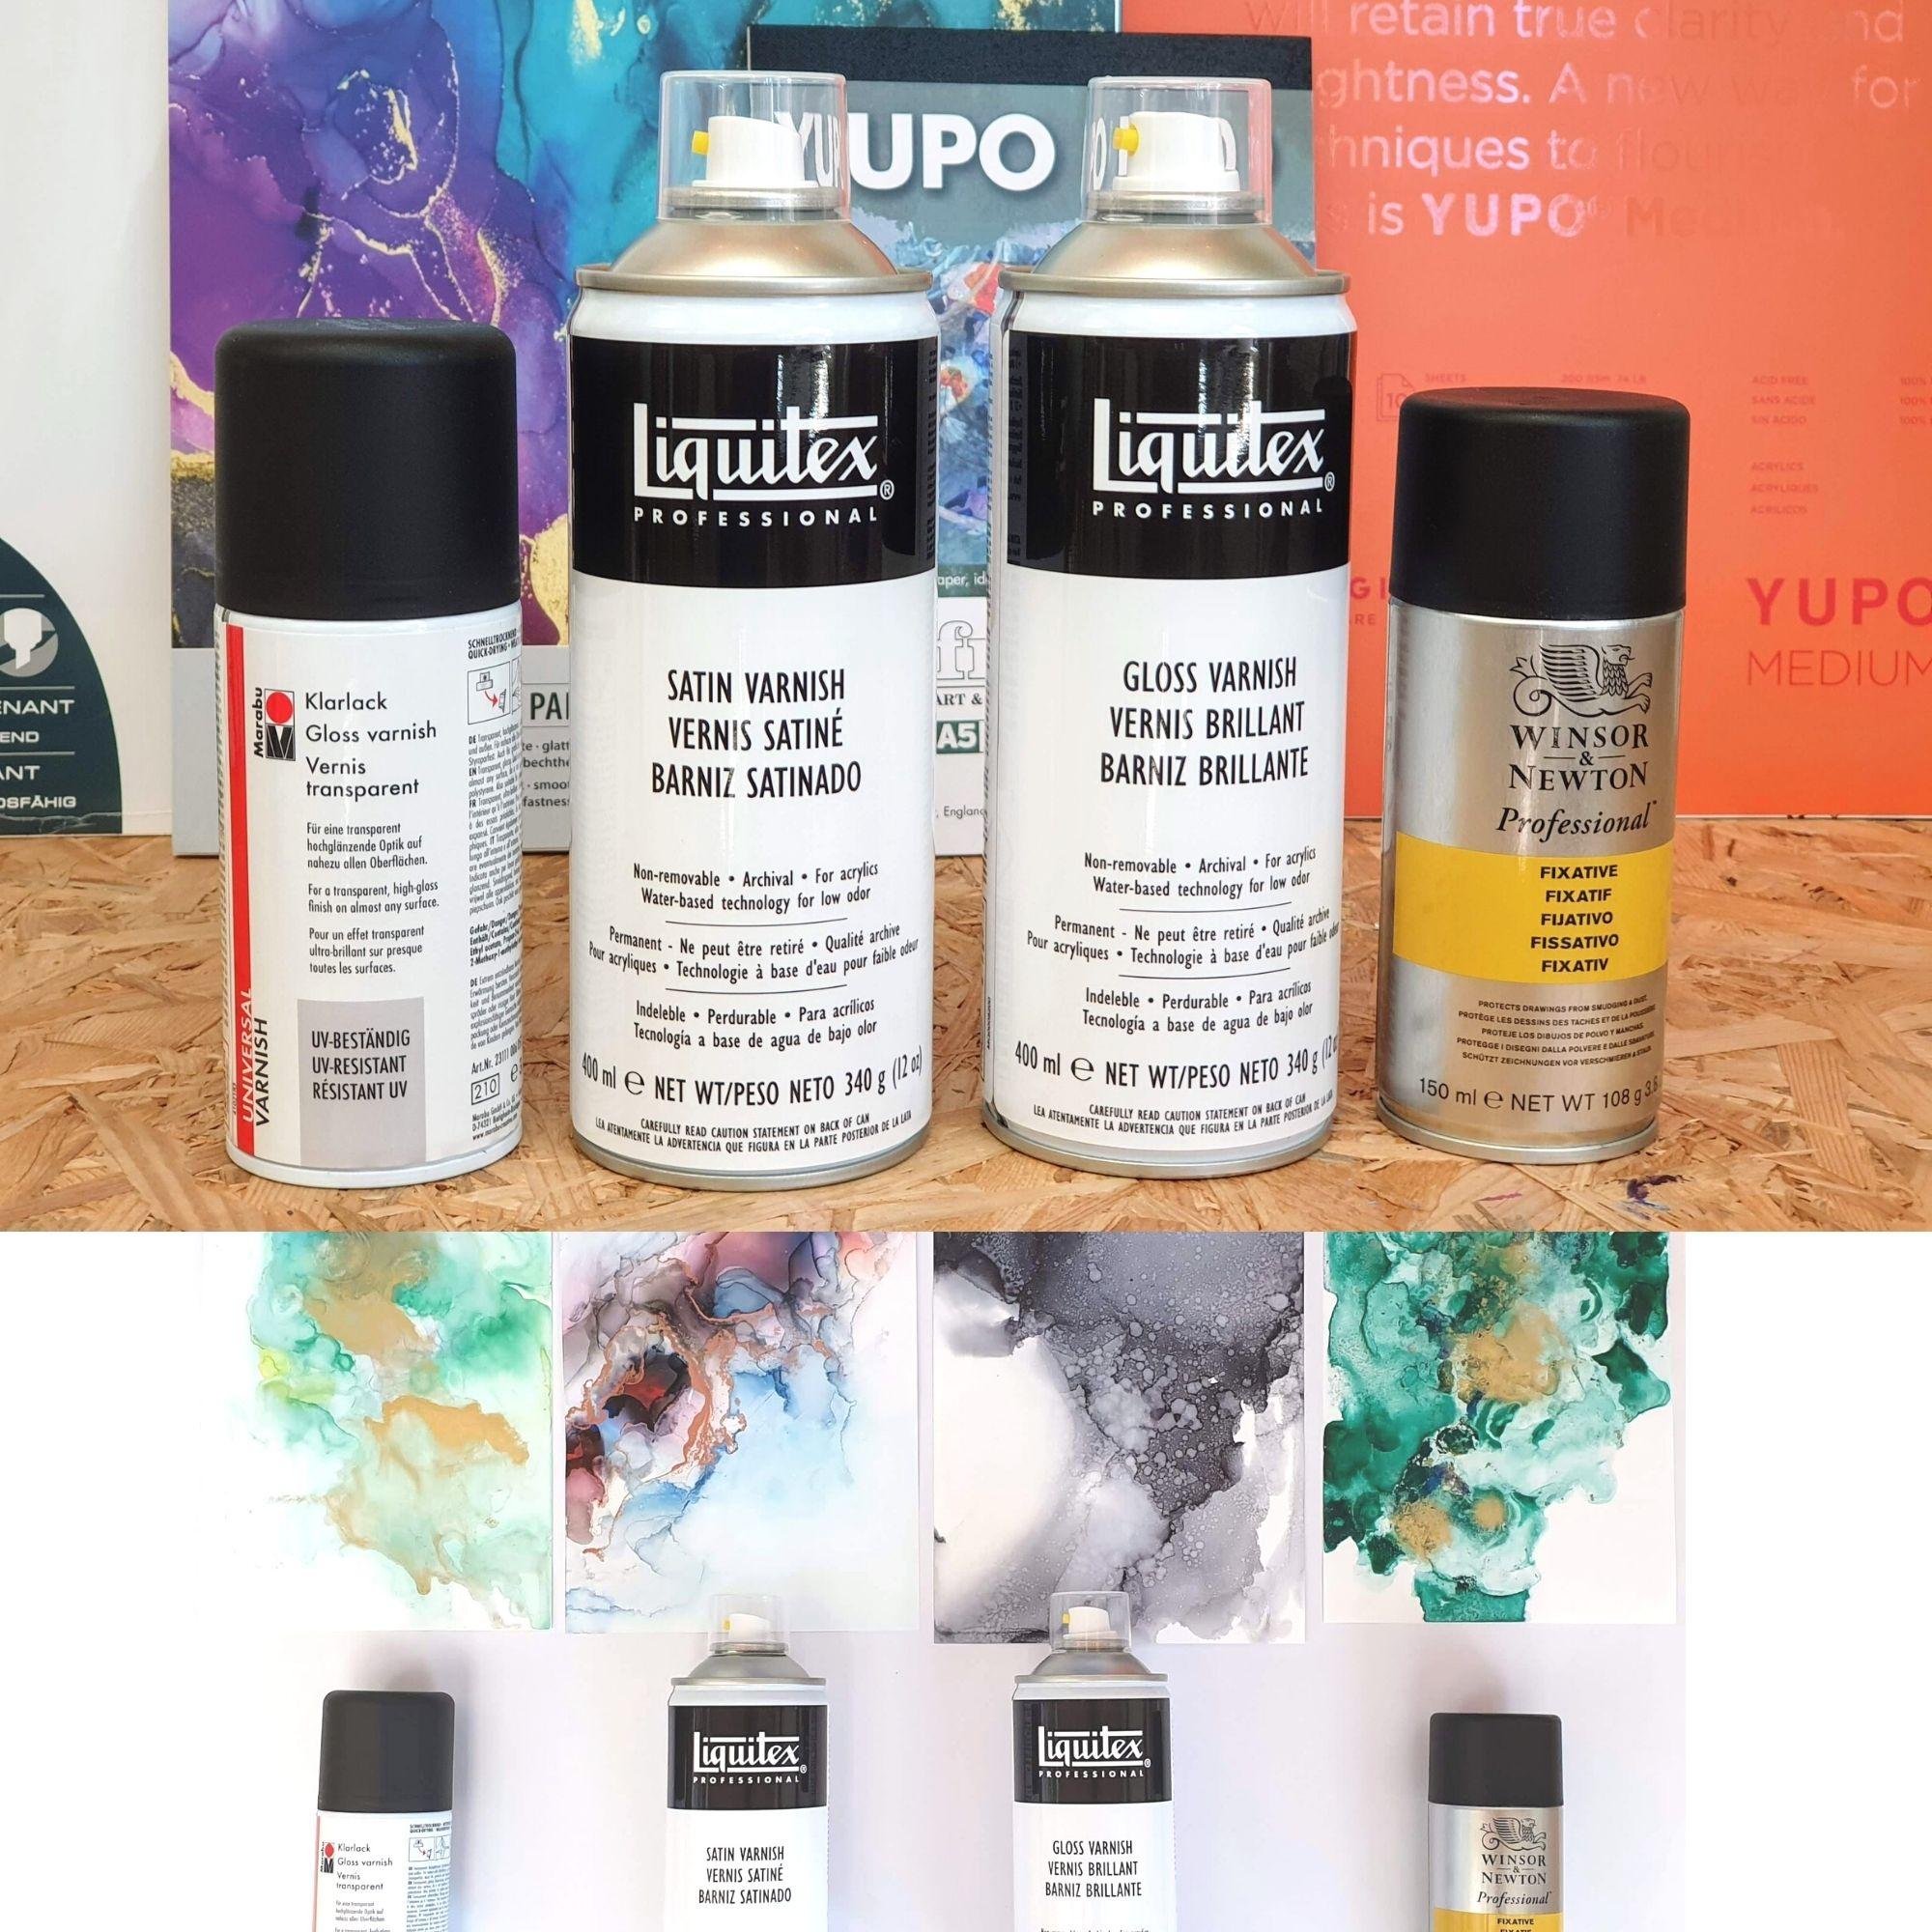 Alcohol Ink Bilder mit Firnis Sprays Versiegeln. 4 Sprays im Vergleich.